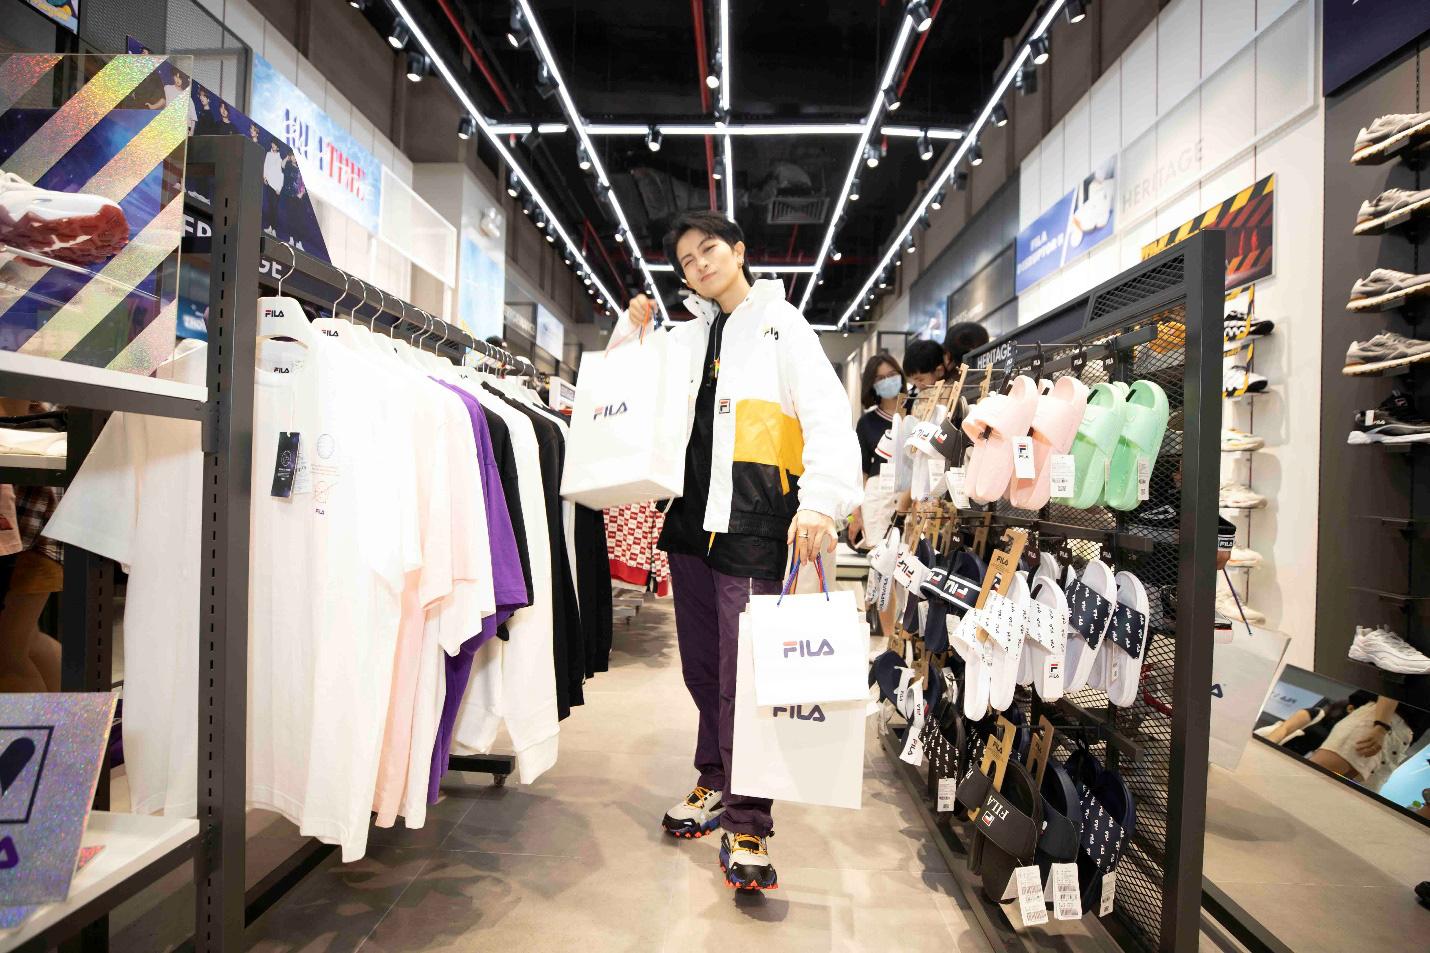 Gil Lê và dàn fashionista Sài thành tụ hội trong ngày FILA ra mắt cửa hàng đầu tiên tại Việt Nam - Ảnh 1.